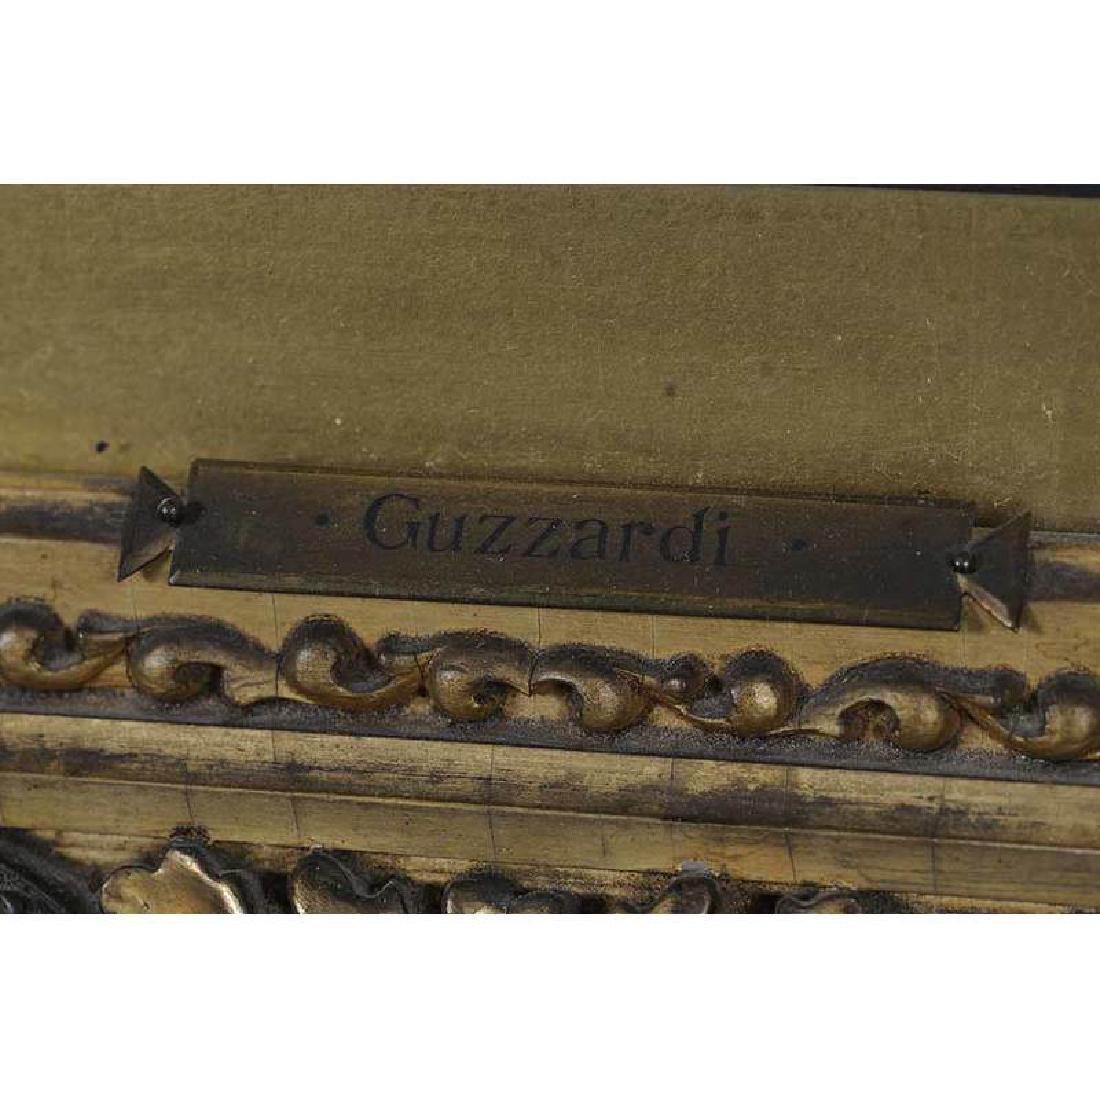 Giusseppi Gazzardi - 4